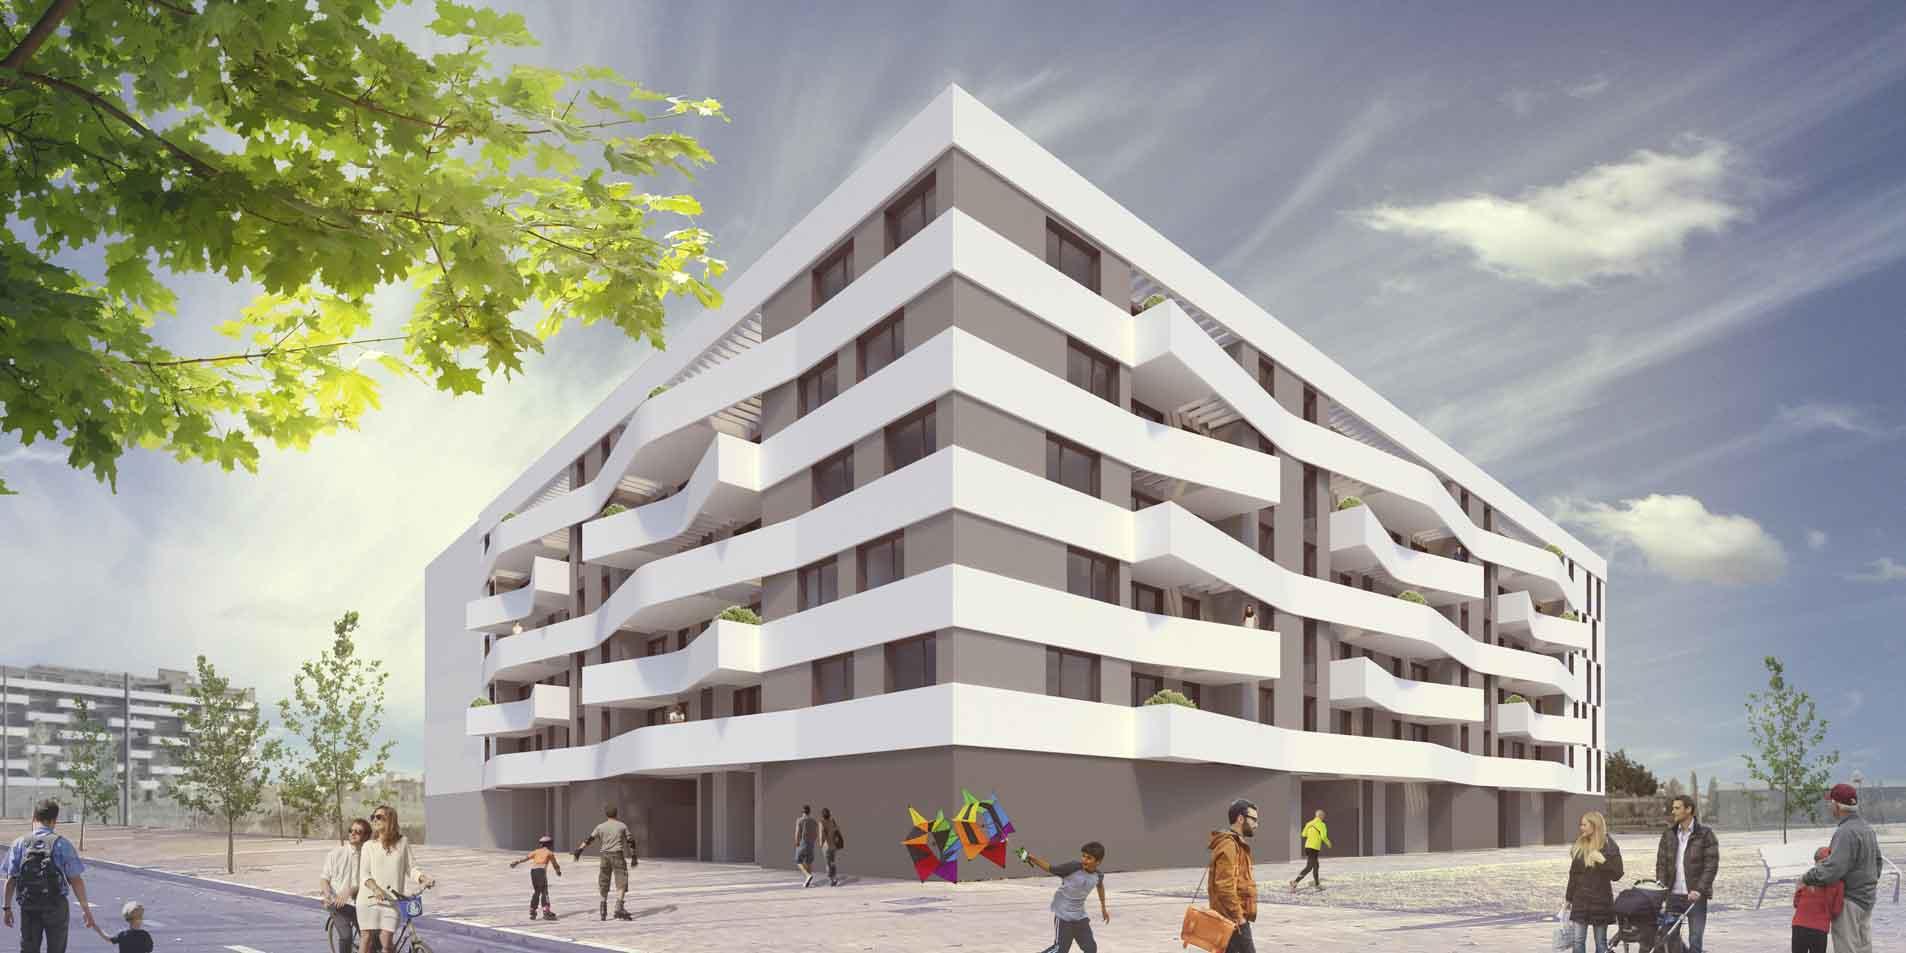 Proyecto de viviendas Esparza arquitectura